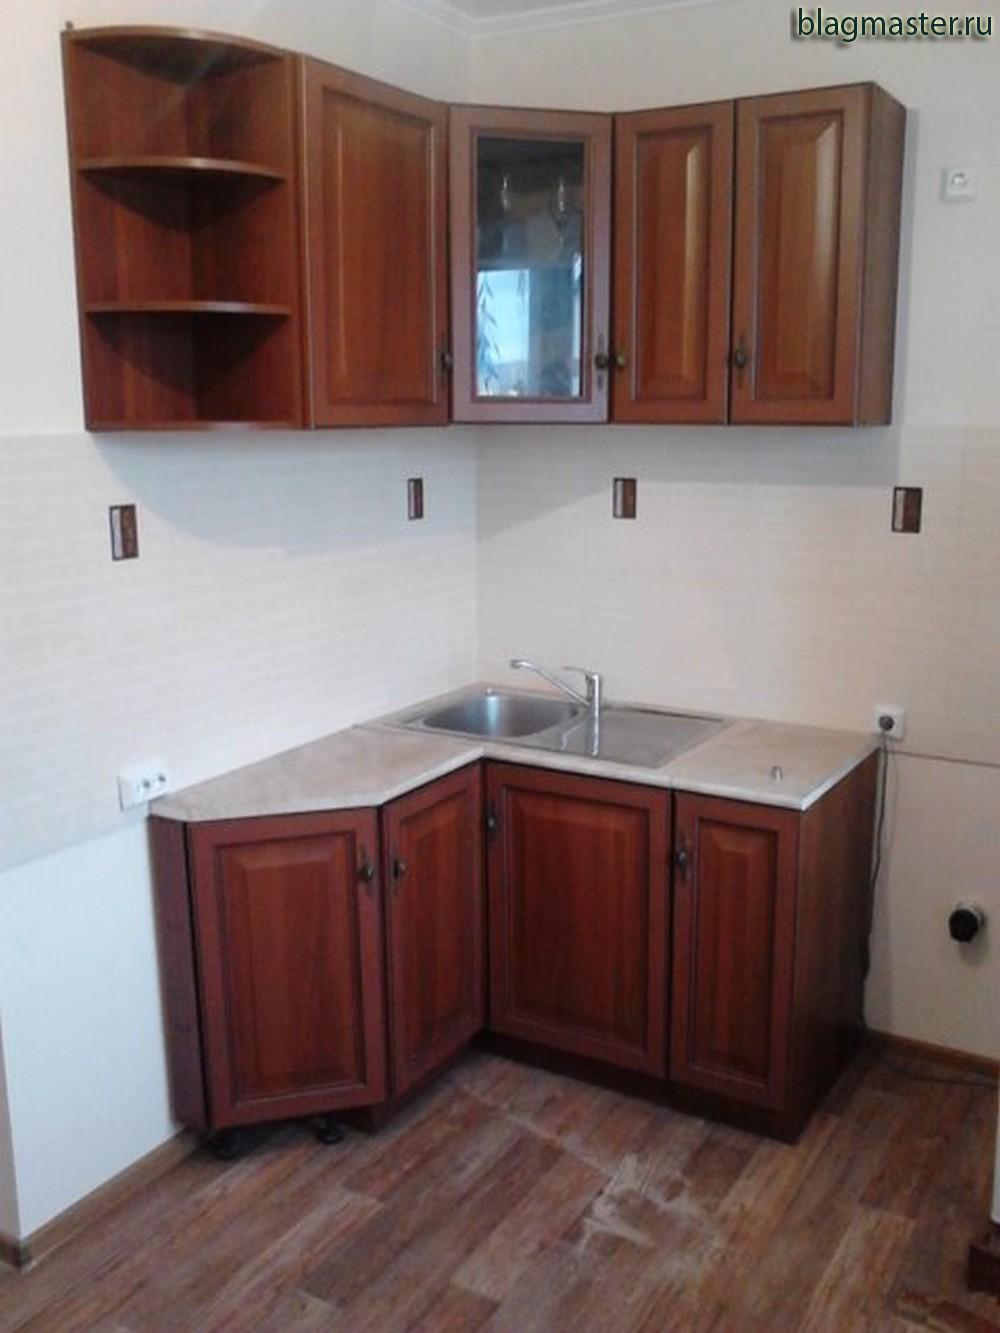 Крепление кухонных шкафов, установка мойки. Благовещенск